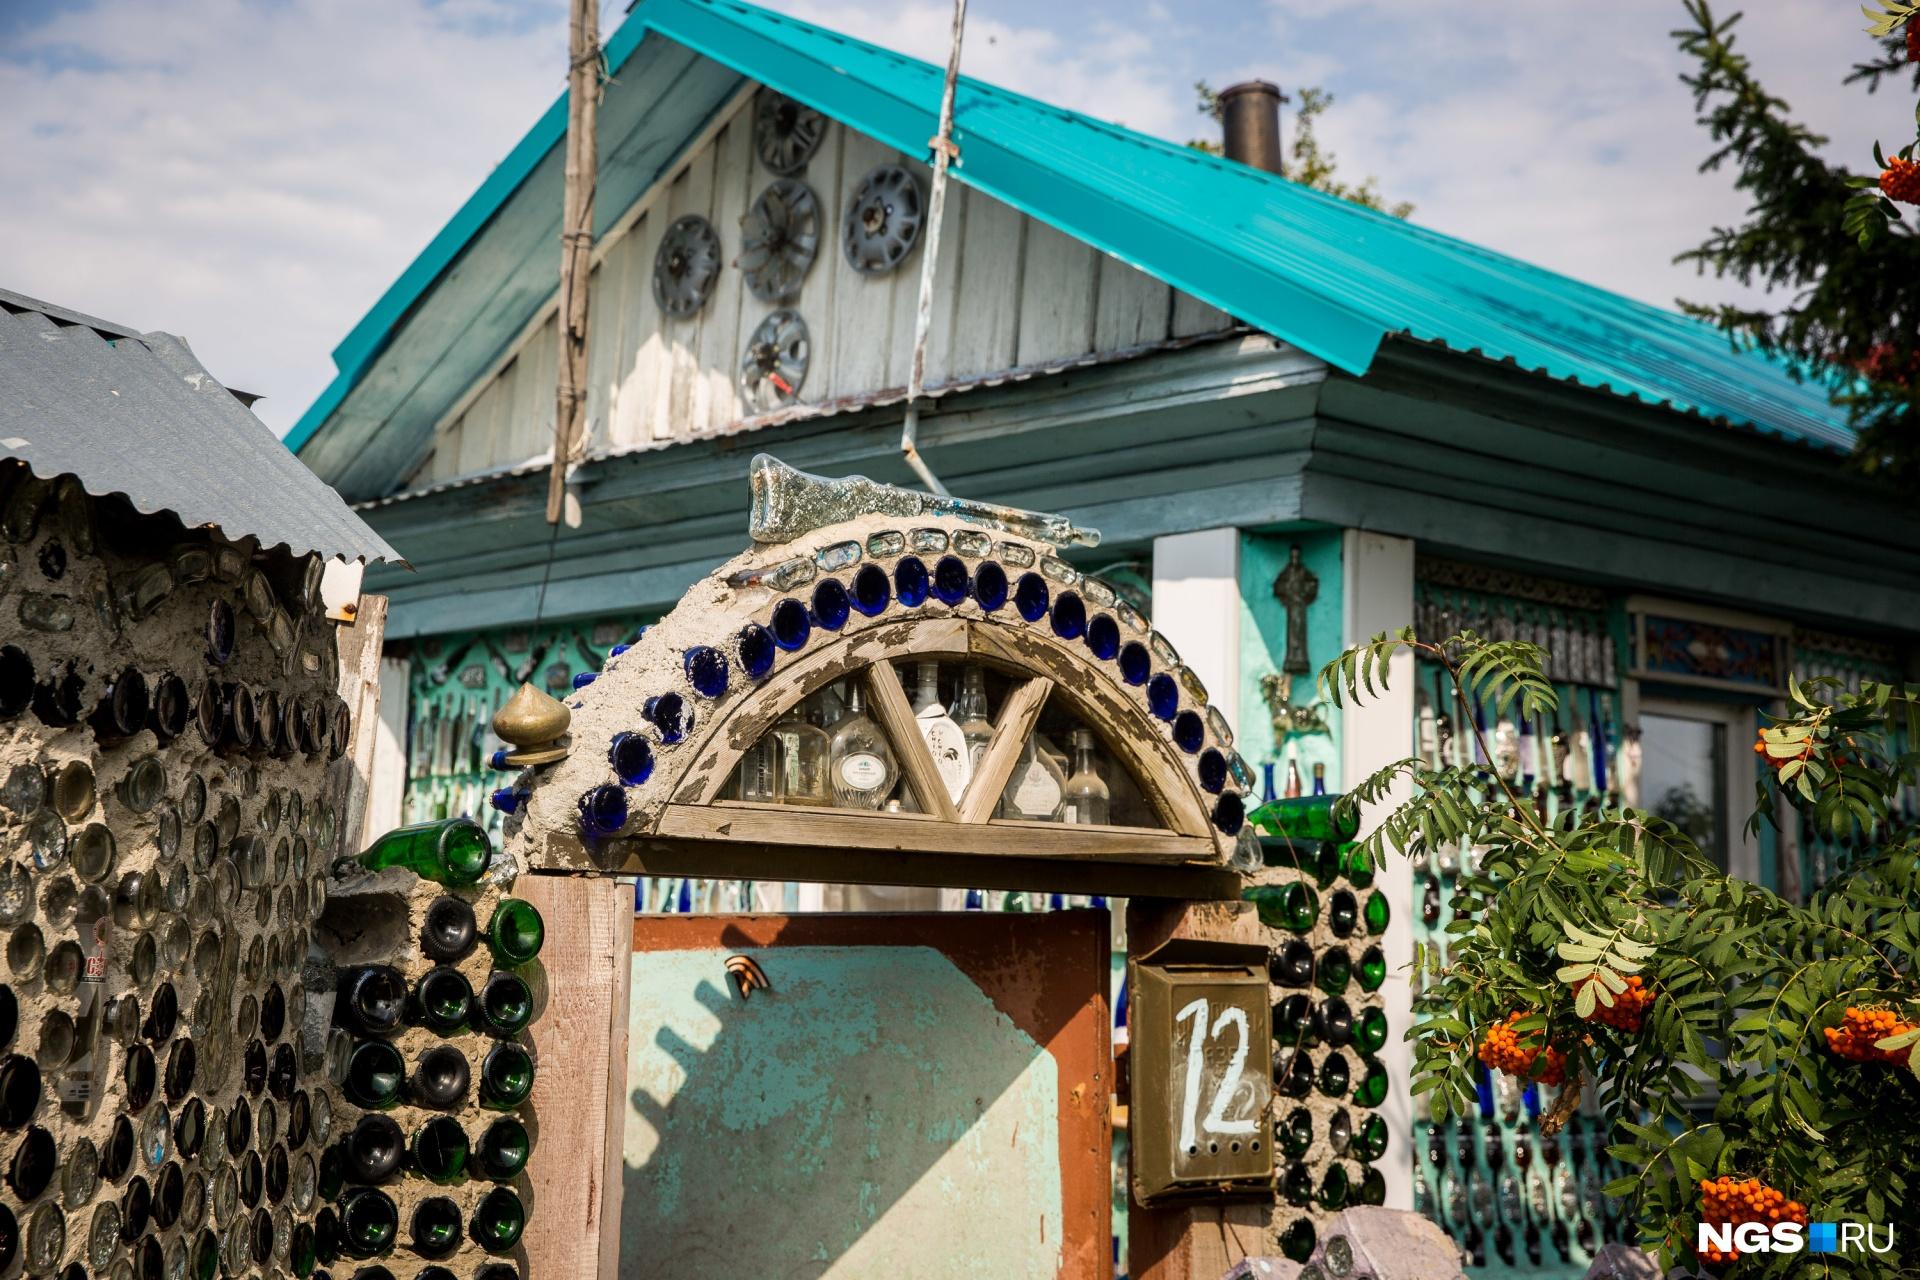 Стеклянный дом стал достопримечательностью Колывани